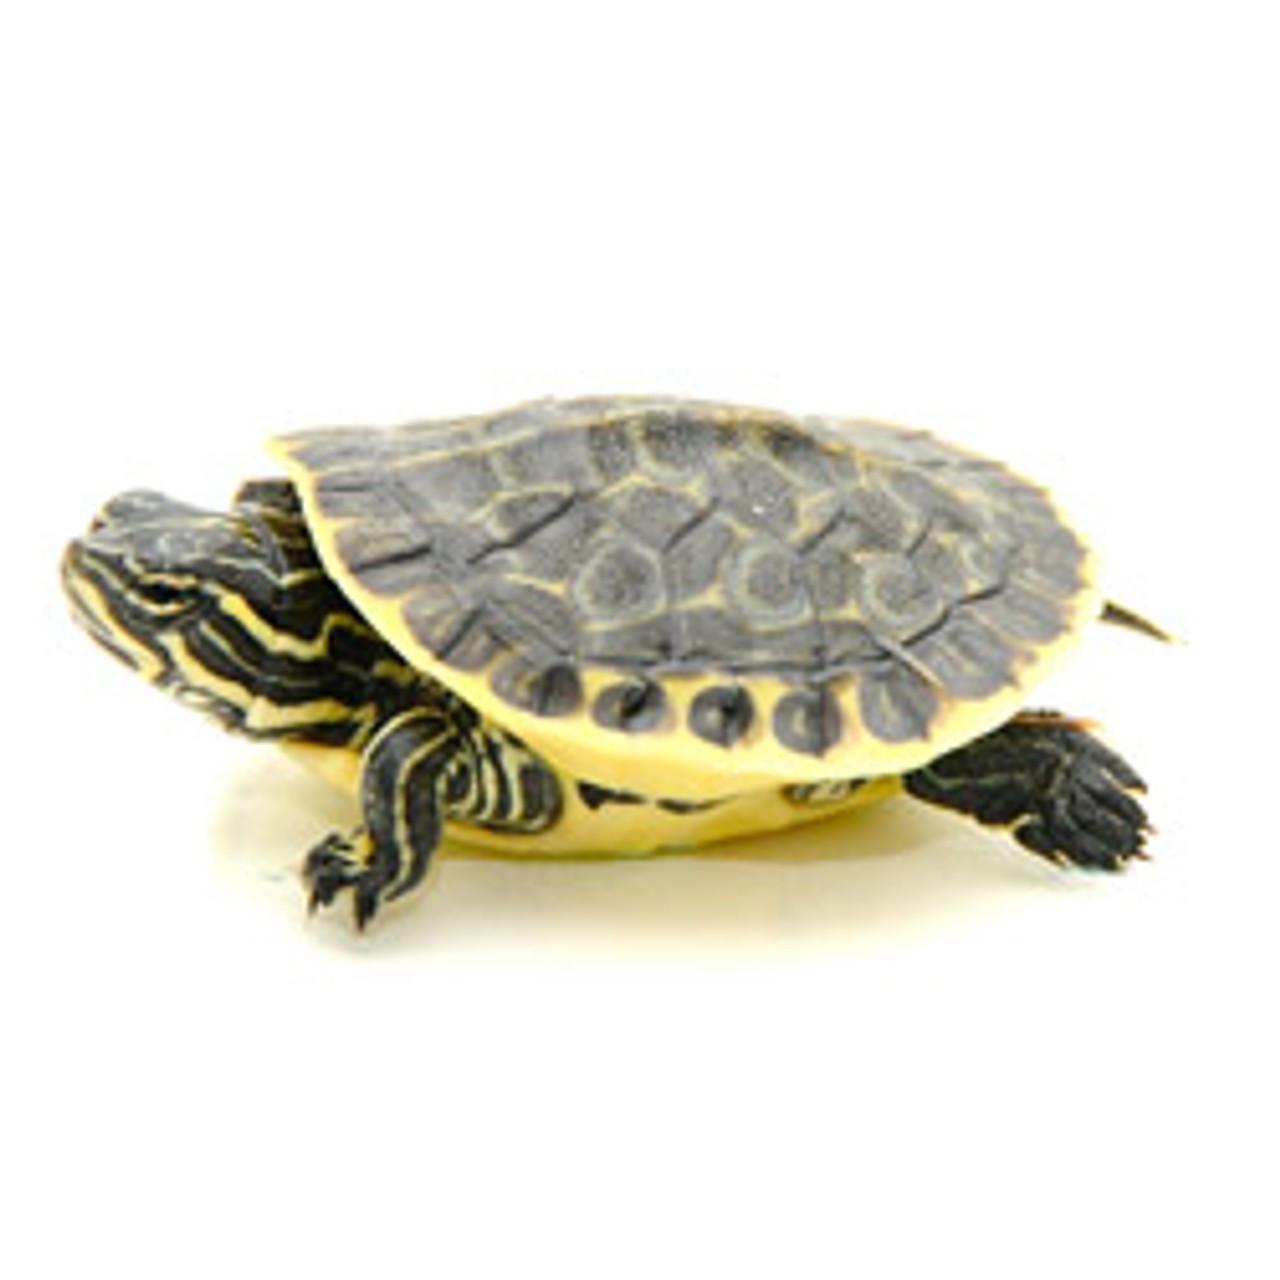 Chicken Turtle (Baby) (Deirochelys reticularia)